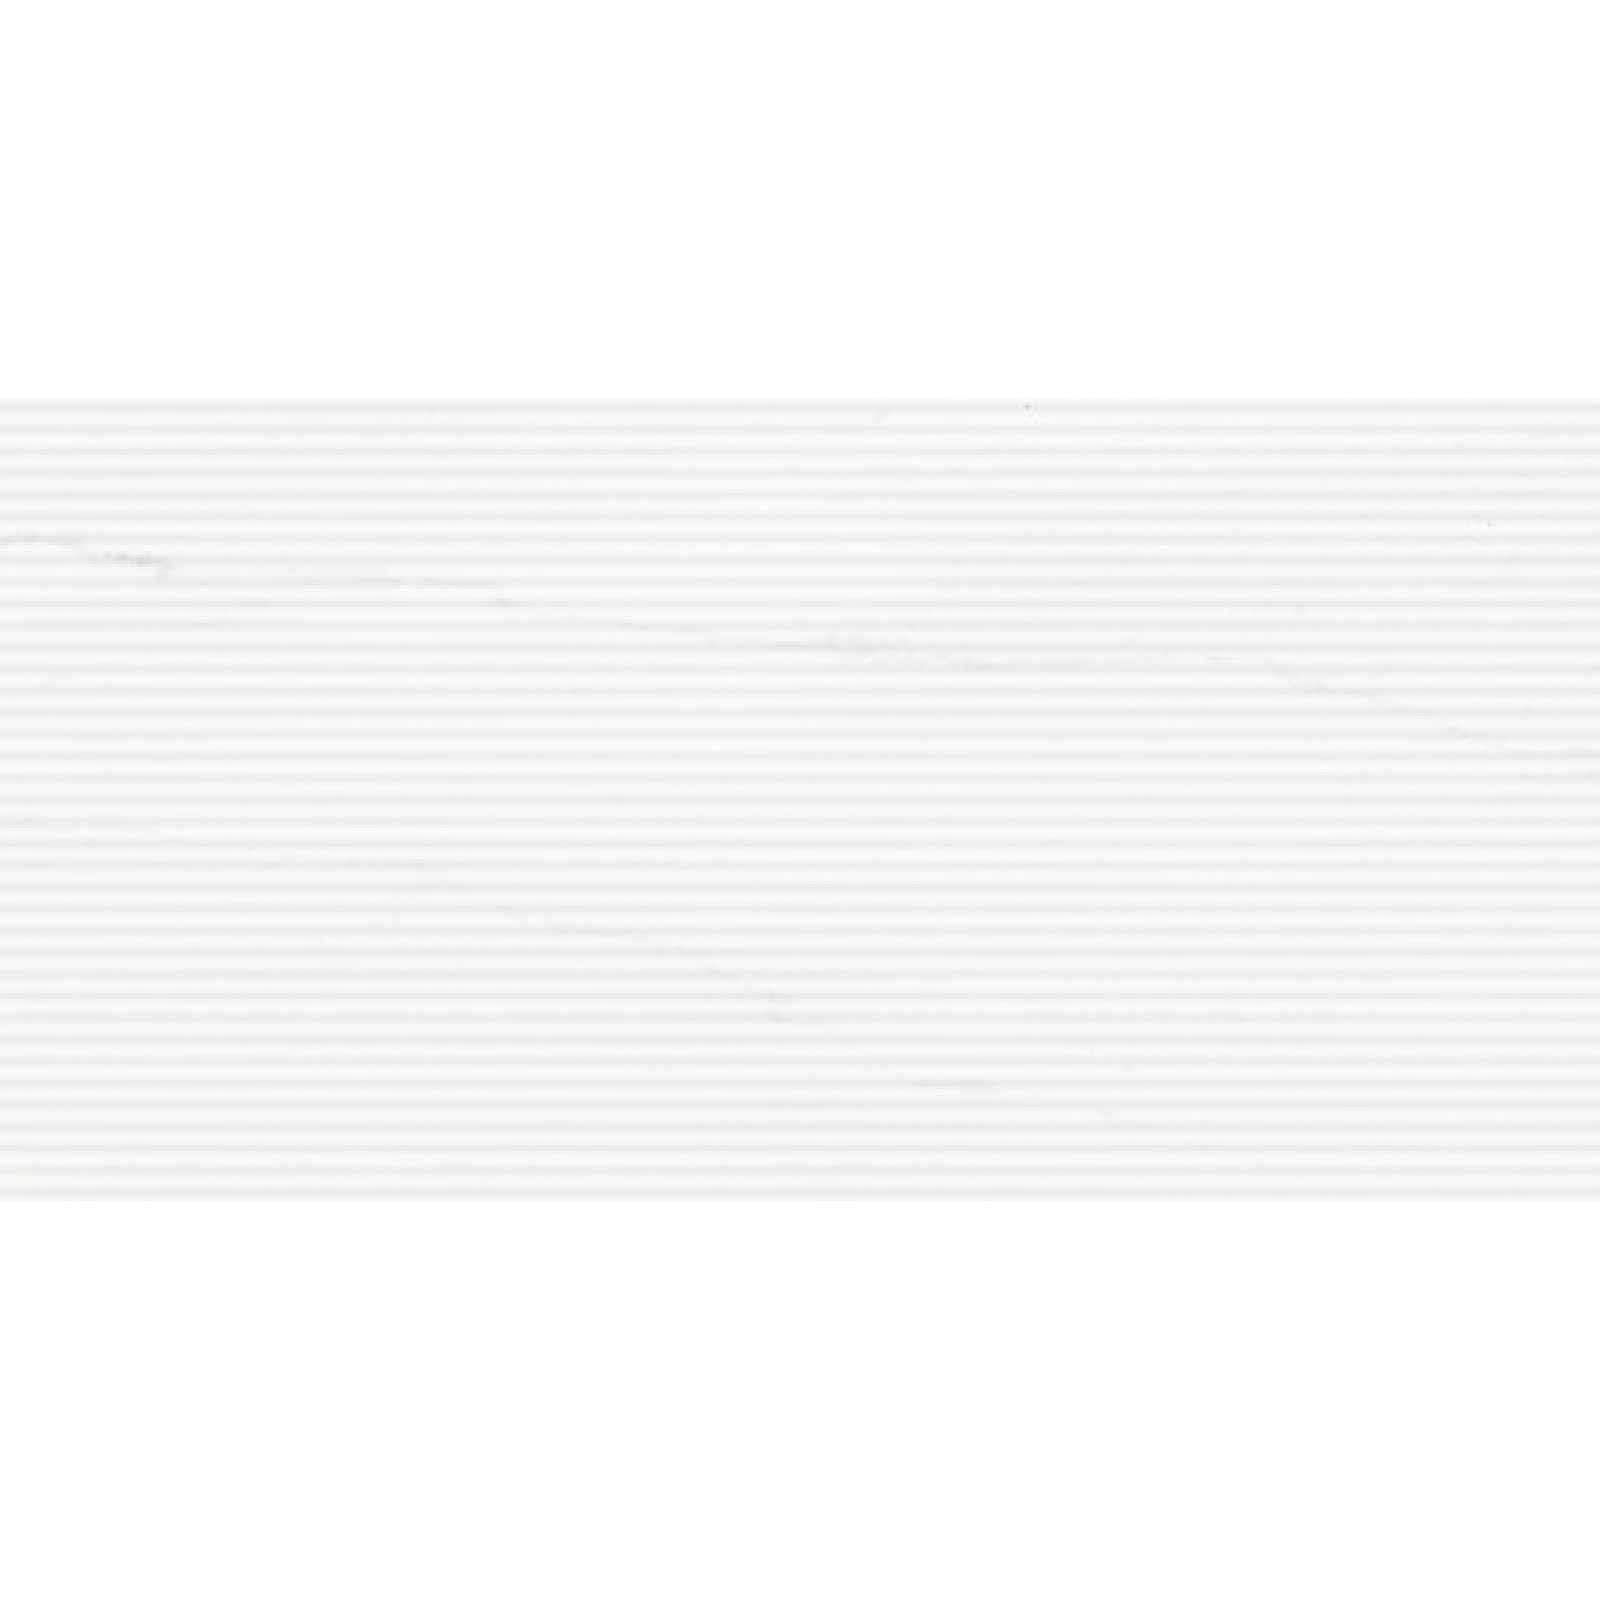 Dekor RAKO Vein bílá 30x60 cm lesk WARV4133.1